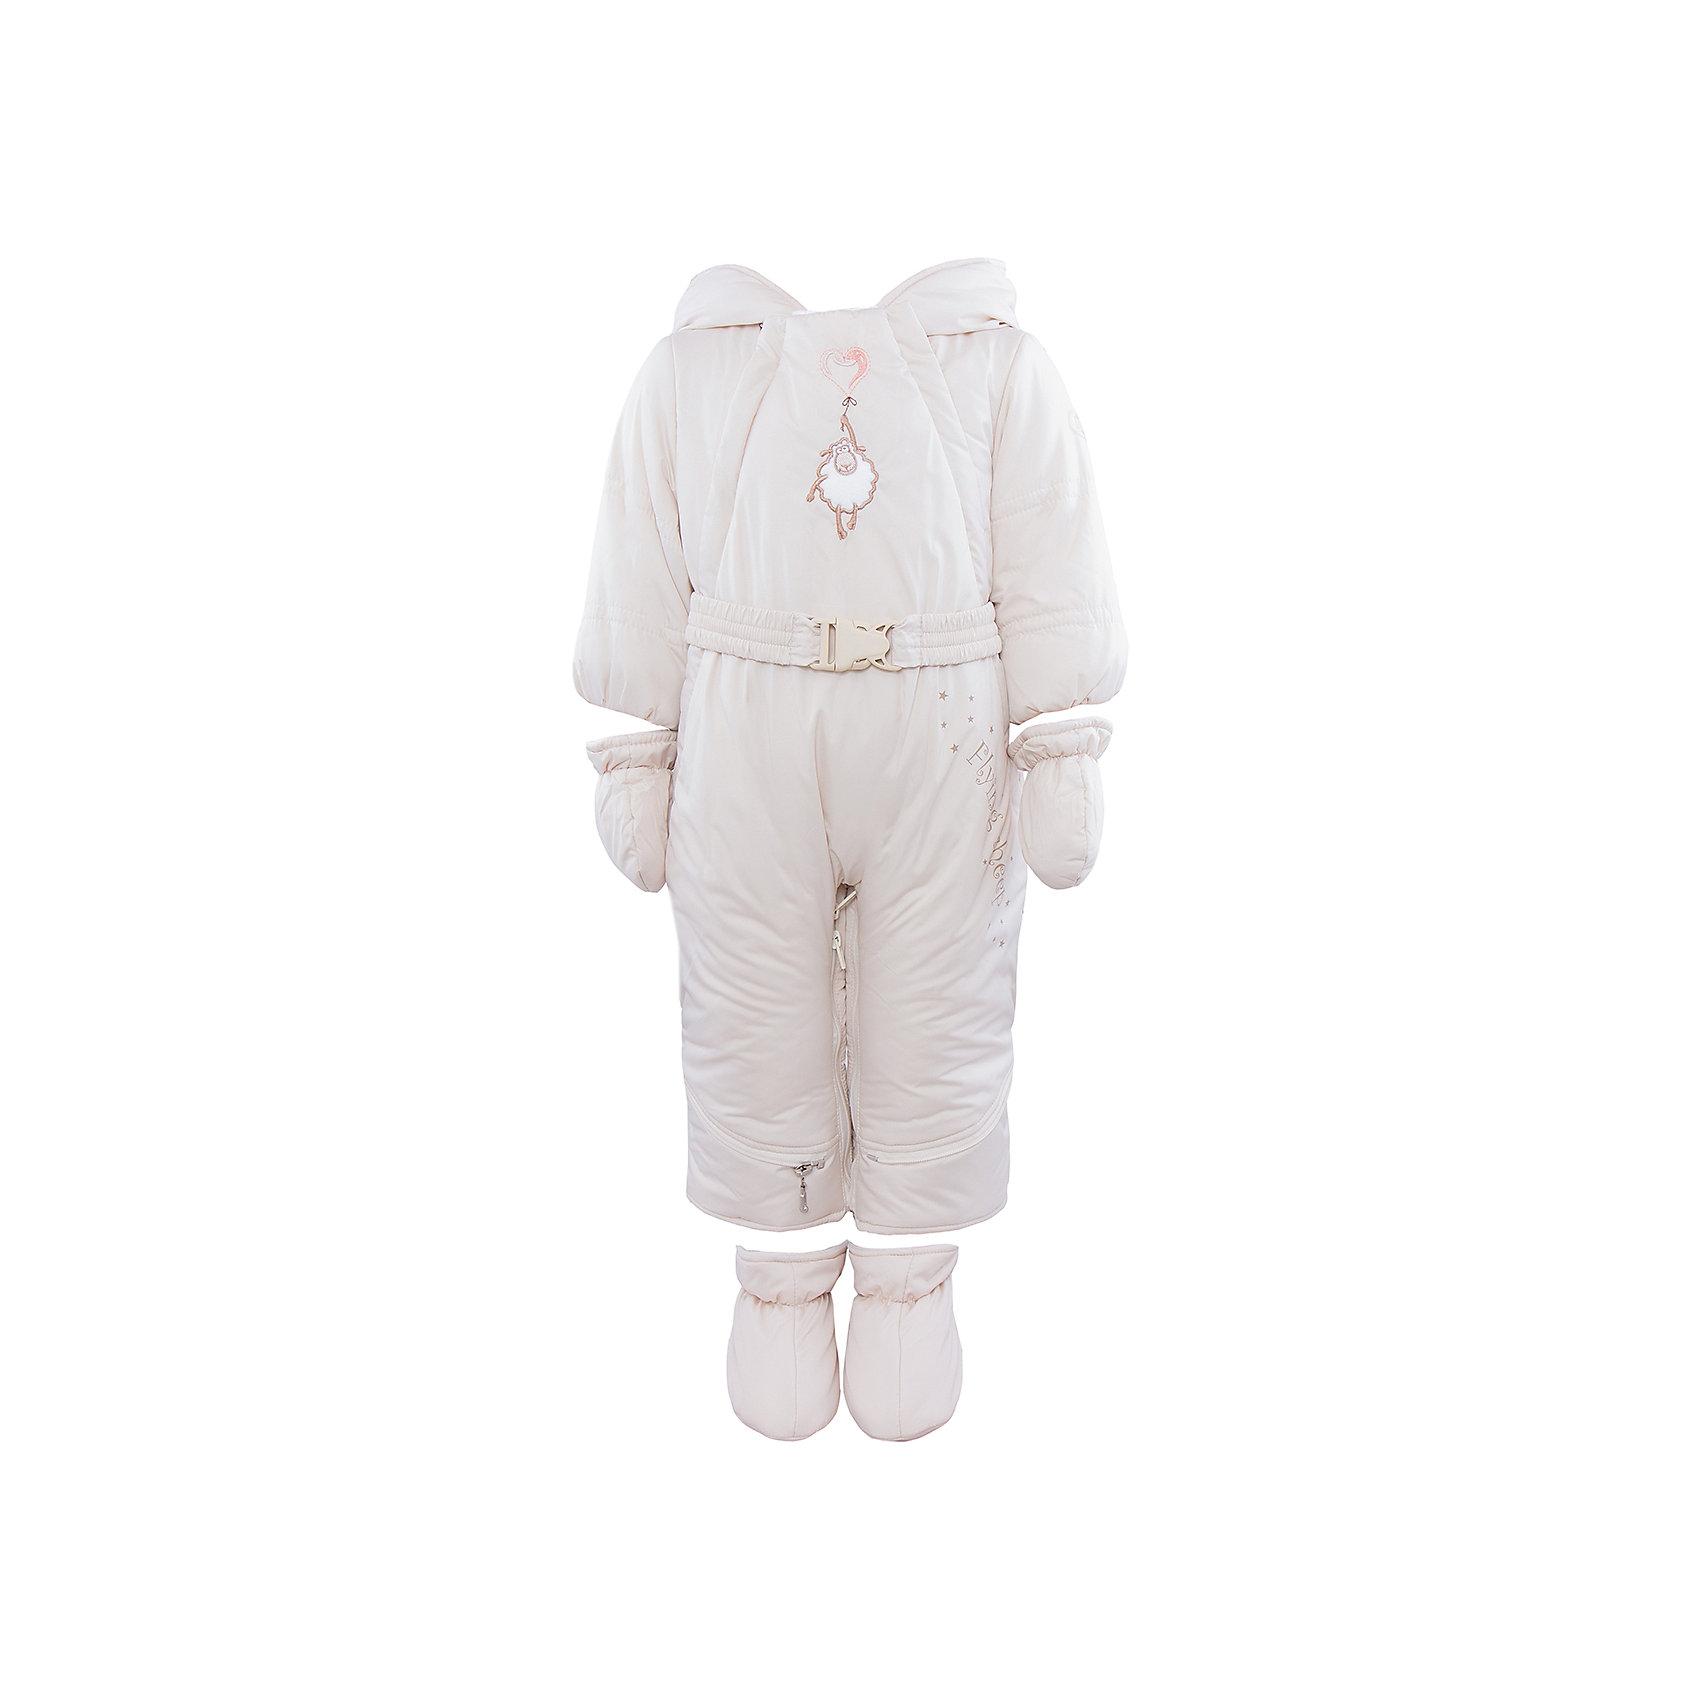 Комбинезон-трансформер АртельКомбинезон-трансформер от известного бренда Артель<br>Комбинезон-трансформер - это отличный вариант одежды для прогулок в холодное время года. Он выполняет функцию полноценного костюма с ножками, в котором удобно носить ребенка на руках, или перевозить в автокресле и теплого уютного спального конверта, в котором ребенку комфортно находиться в коляске. Комбинезон трансформируется в конверт с помощью дополнительных молний. Данная модель комплектуется пинетками и варежками. Глубокий капюшон плотно прилегает к лицу, за счет мягкого трикотажного подвяза. По линии талии есть пояс с декоративной пряжкой, на груди - вышивка в виде барашка.<br>Состав:<br>Верх:Dewspo FD<br>Подкладка: интерлок<br>Утеплитель: термофайбер 200г<br><br>Ширина мм: 356<br>Глубина мм: 10<br>Высота мм: 245<br>Вес г: 519<br>Цвет: бежевый<br>Возраст от месяцев: 2<br>Возраст до месяцев: 5<br>Пол: Унисекс<br>Возраст: Детский<br>Размер: 62,74,68<br>SKU: 4963427